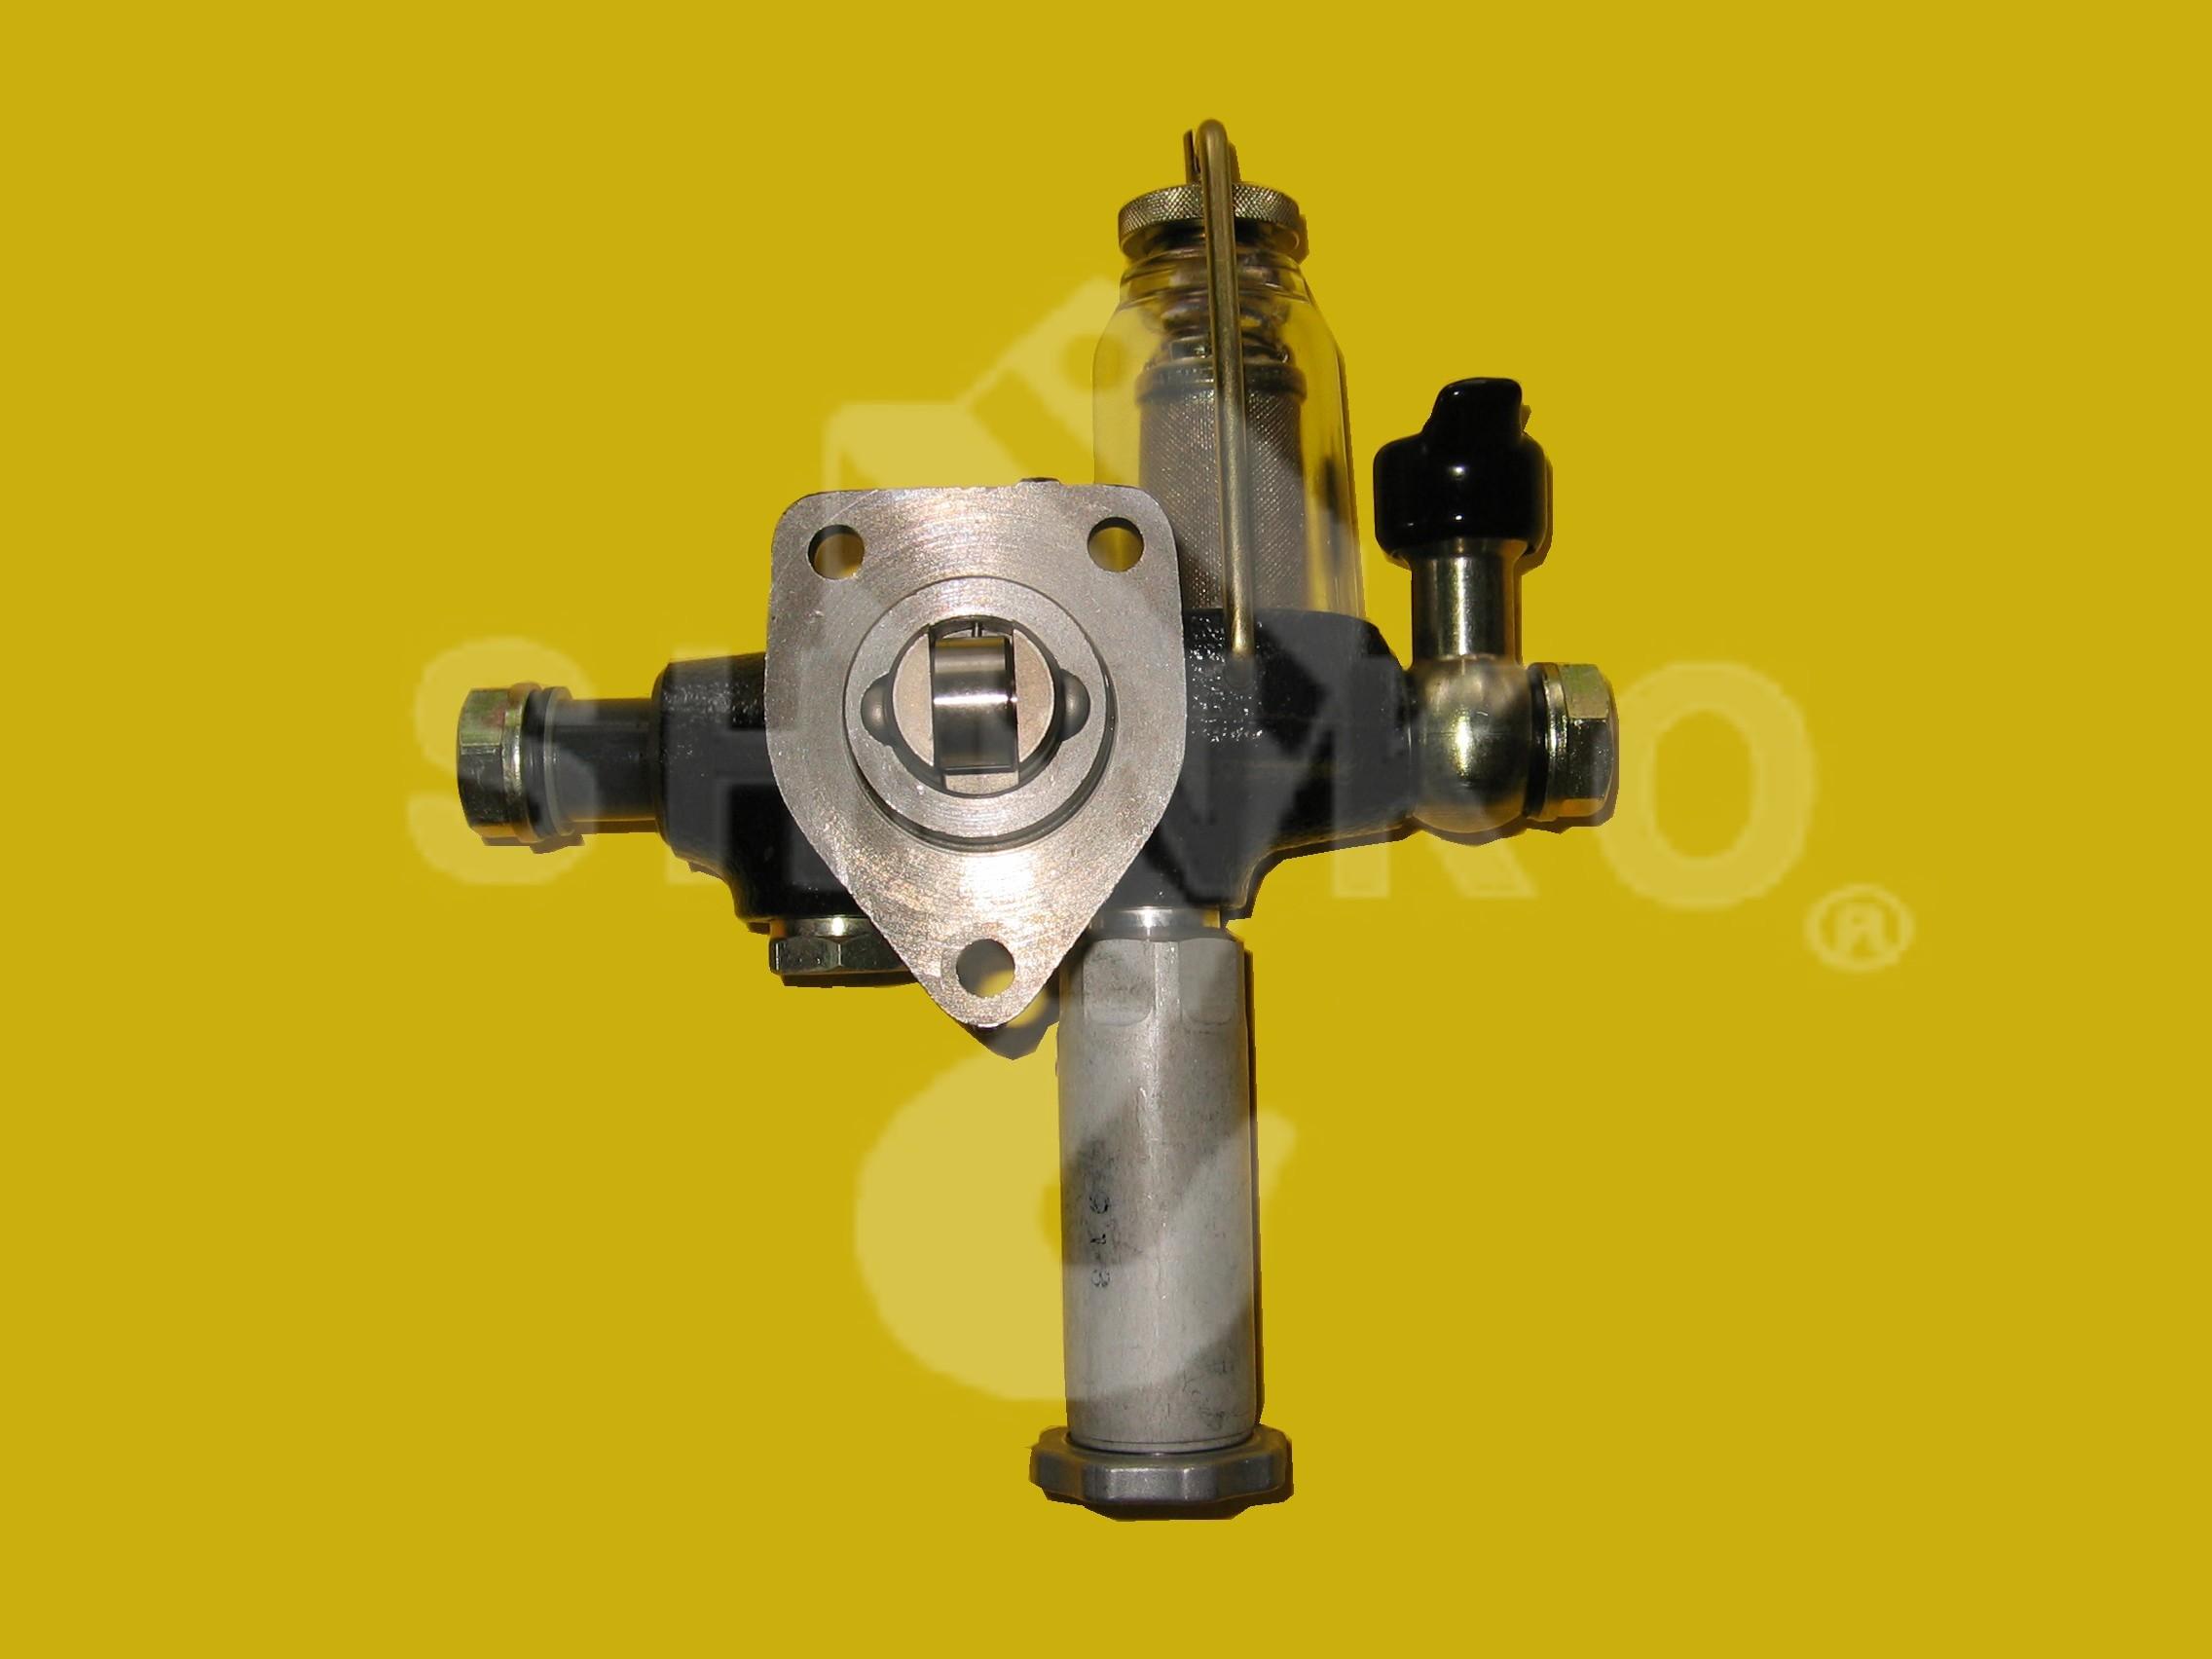 Mitsubishi Crane Spare Parts : Mitsubishi fuel feed pump shinko crane pte ltd